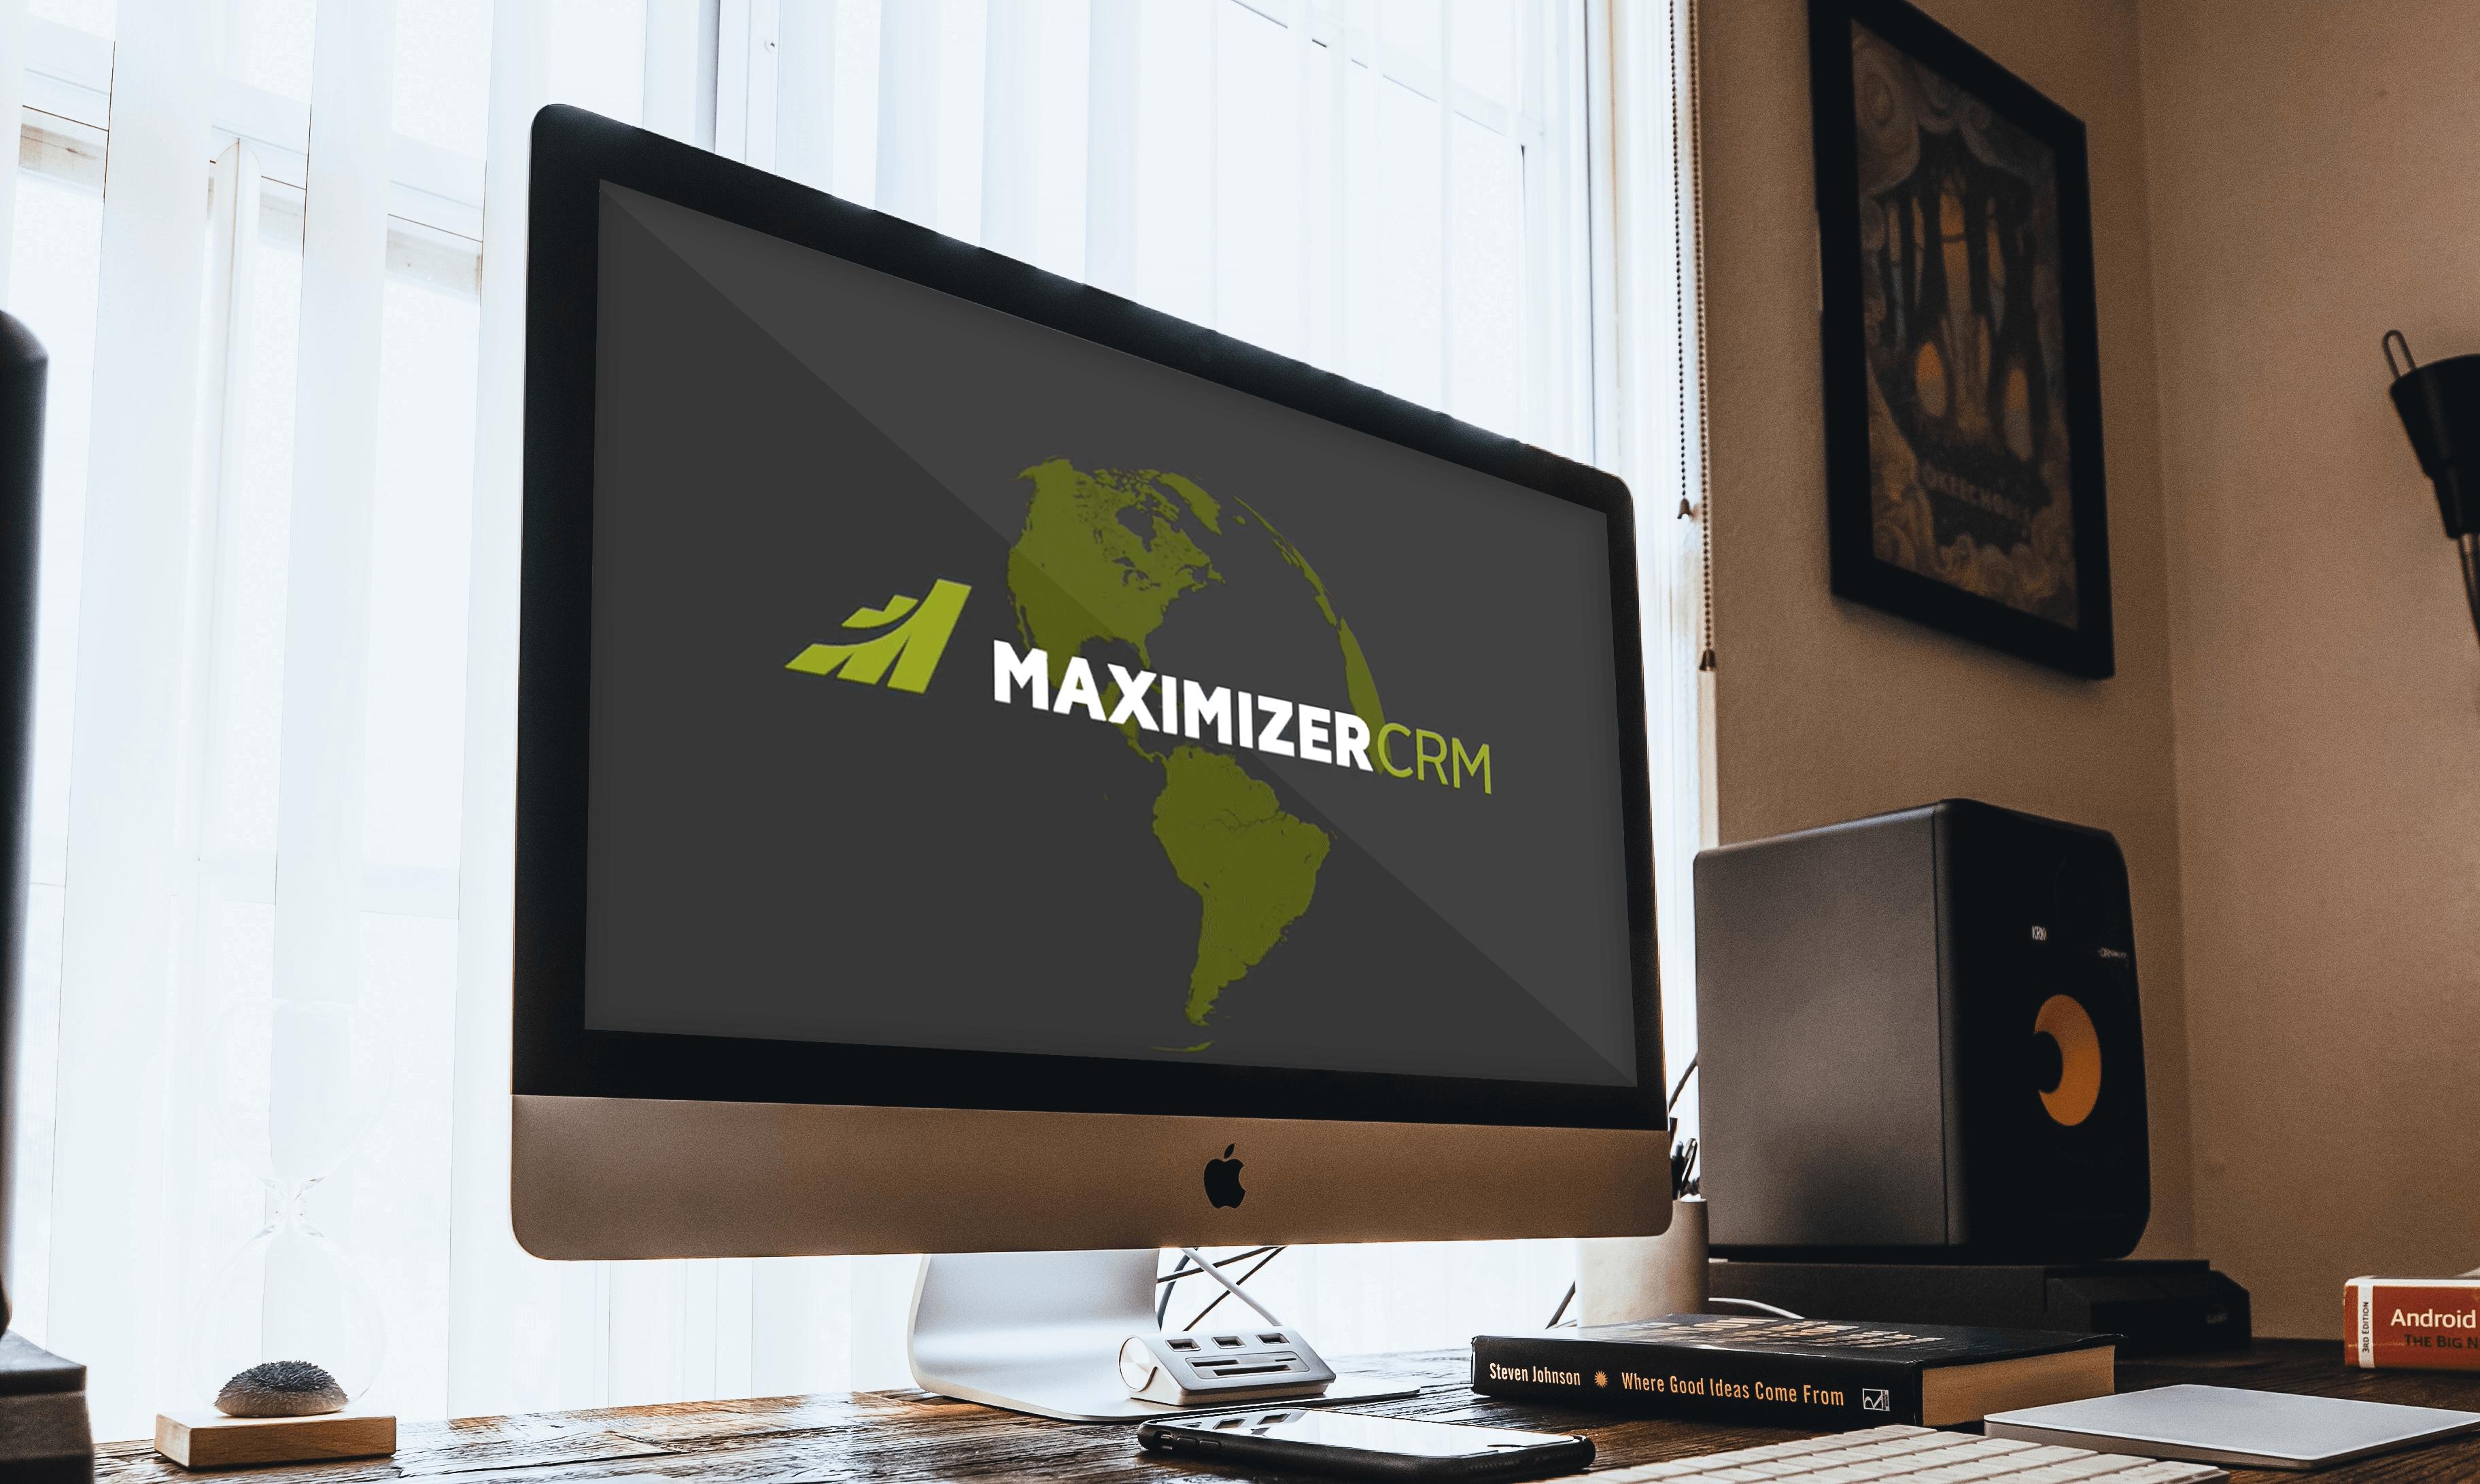 Wat onderscheidt Maximizer CRM van andere CRM-systemen?